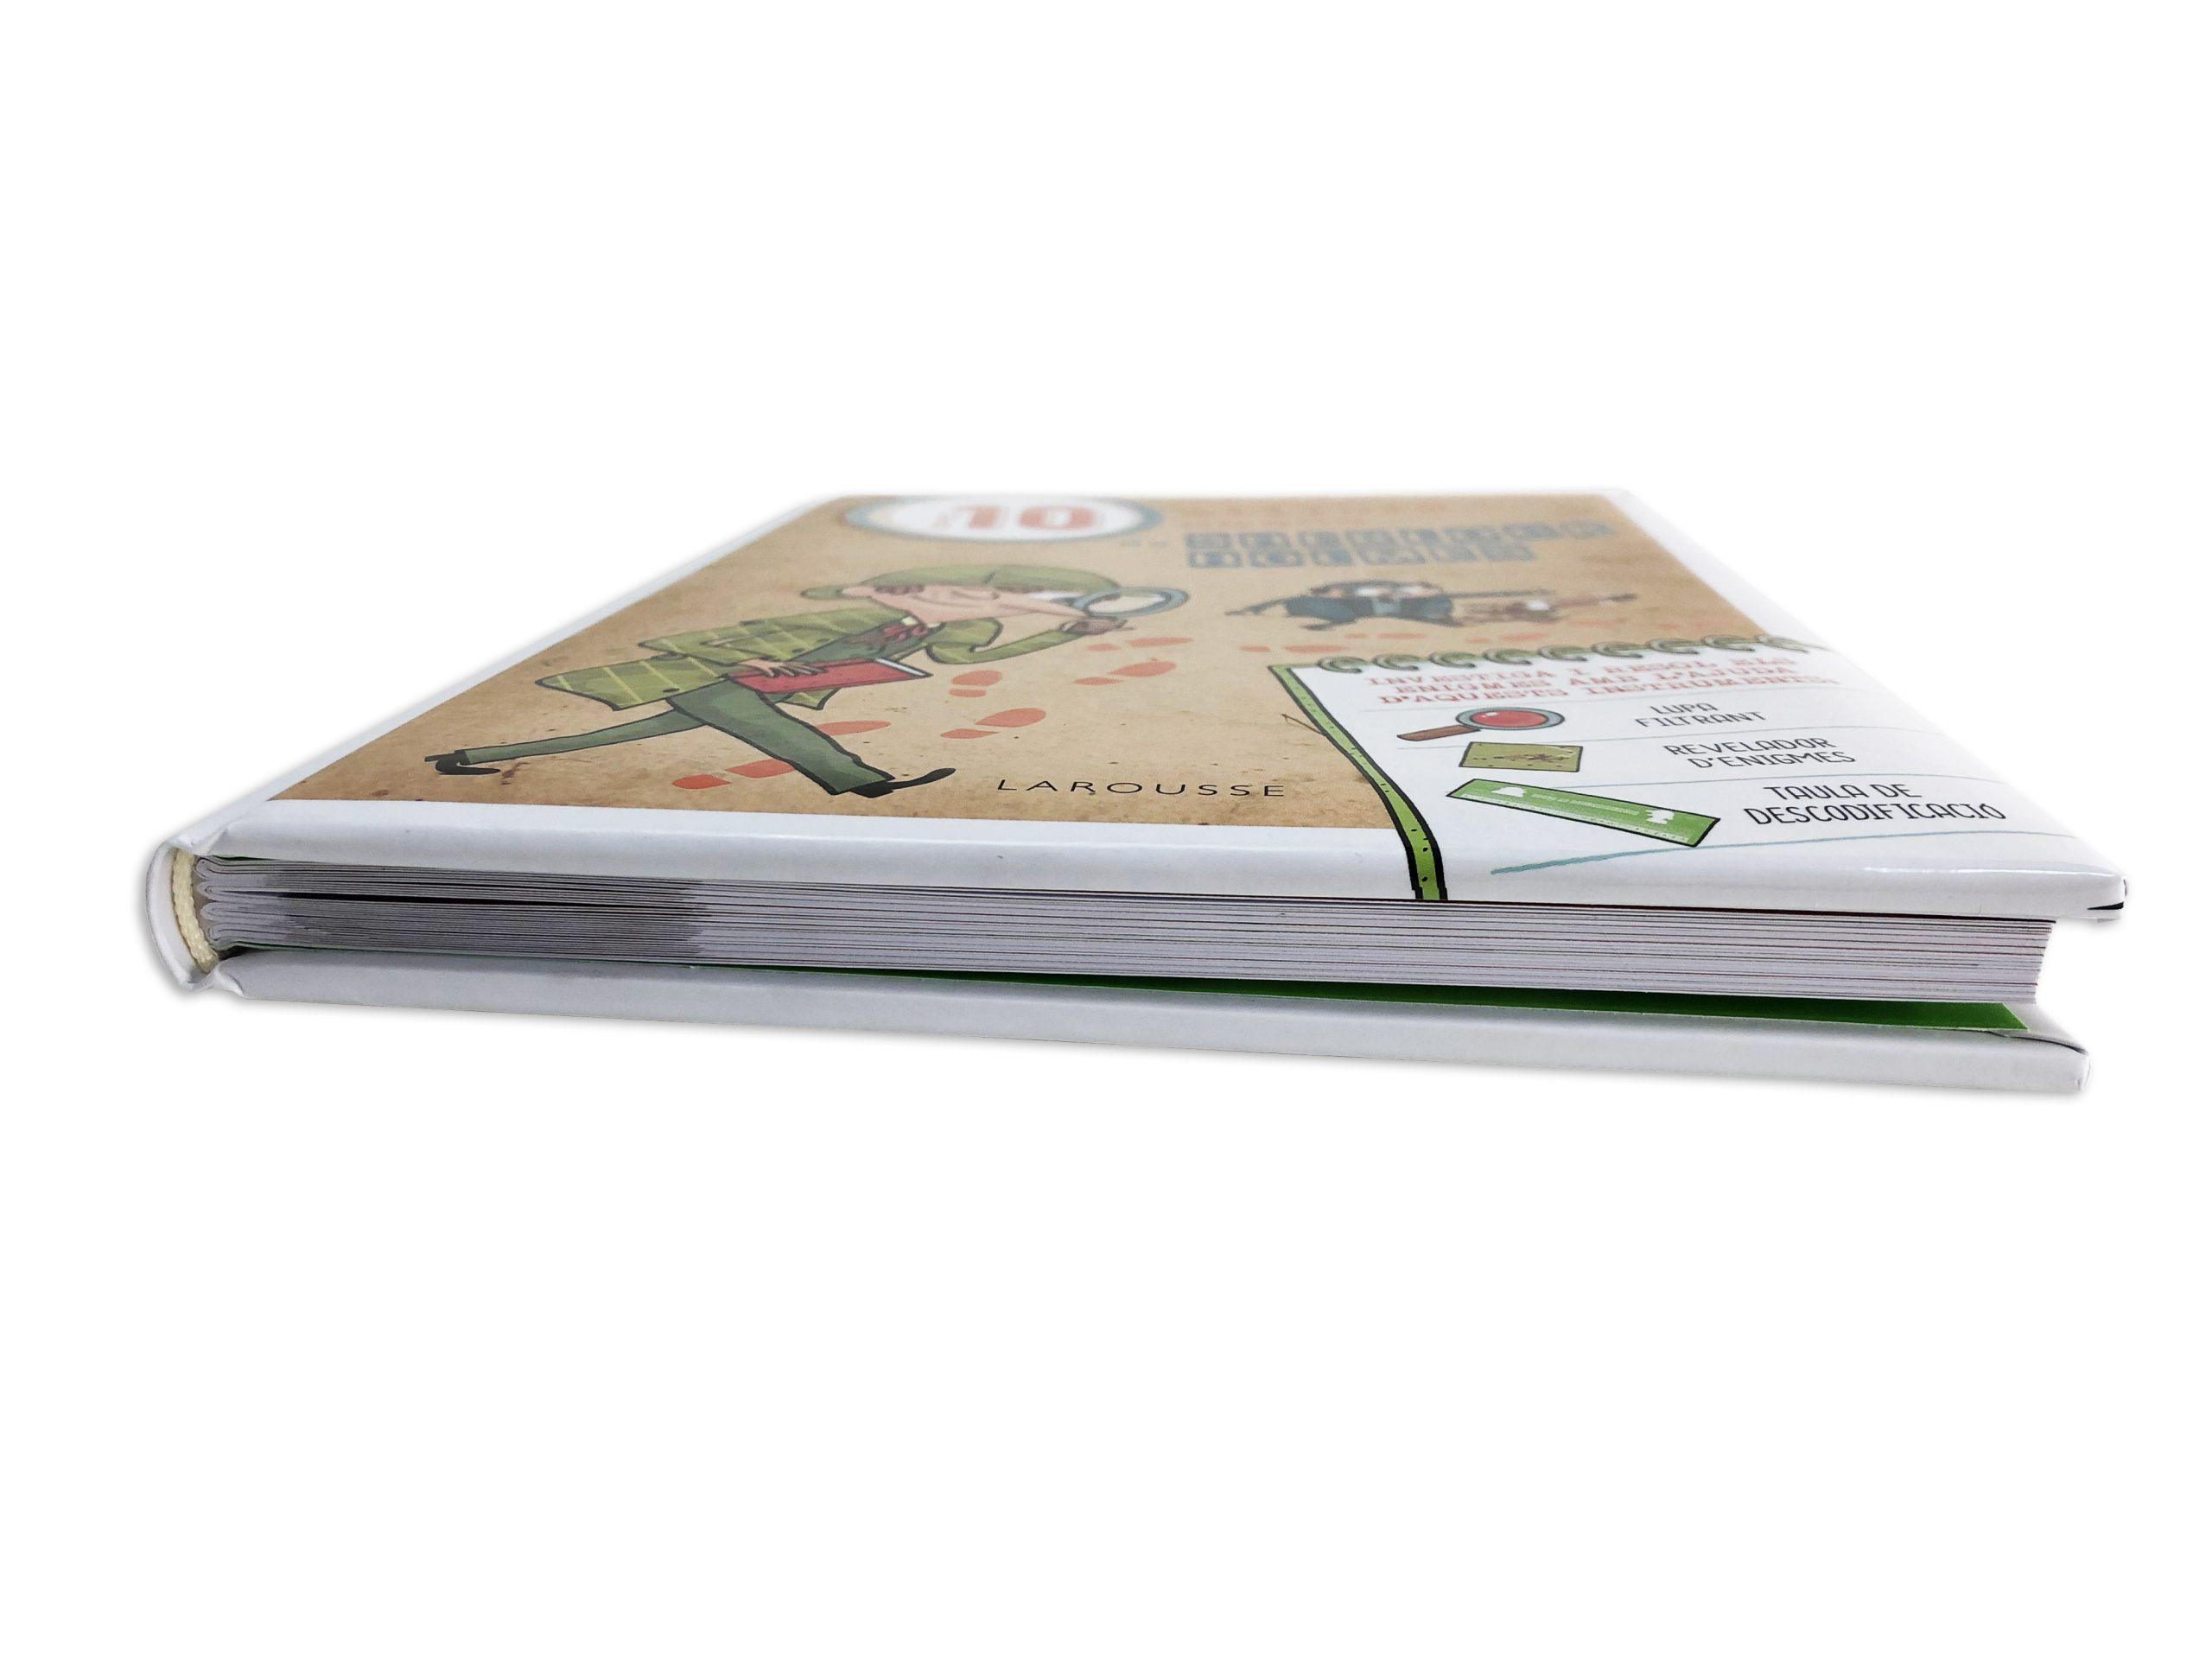 libro encuadernación rústica - IMG_8394 editada